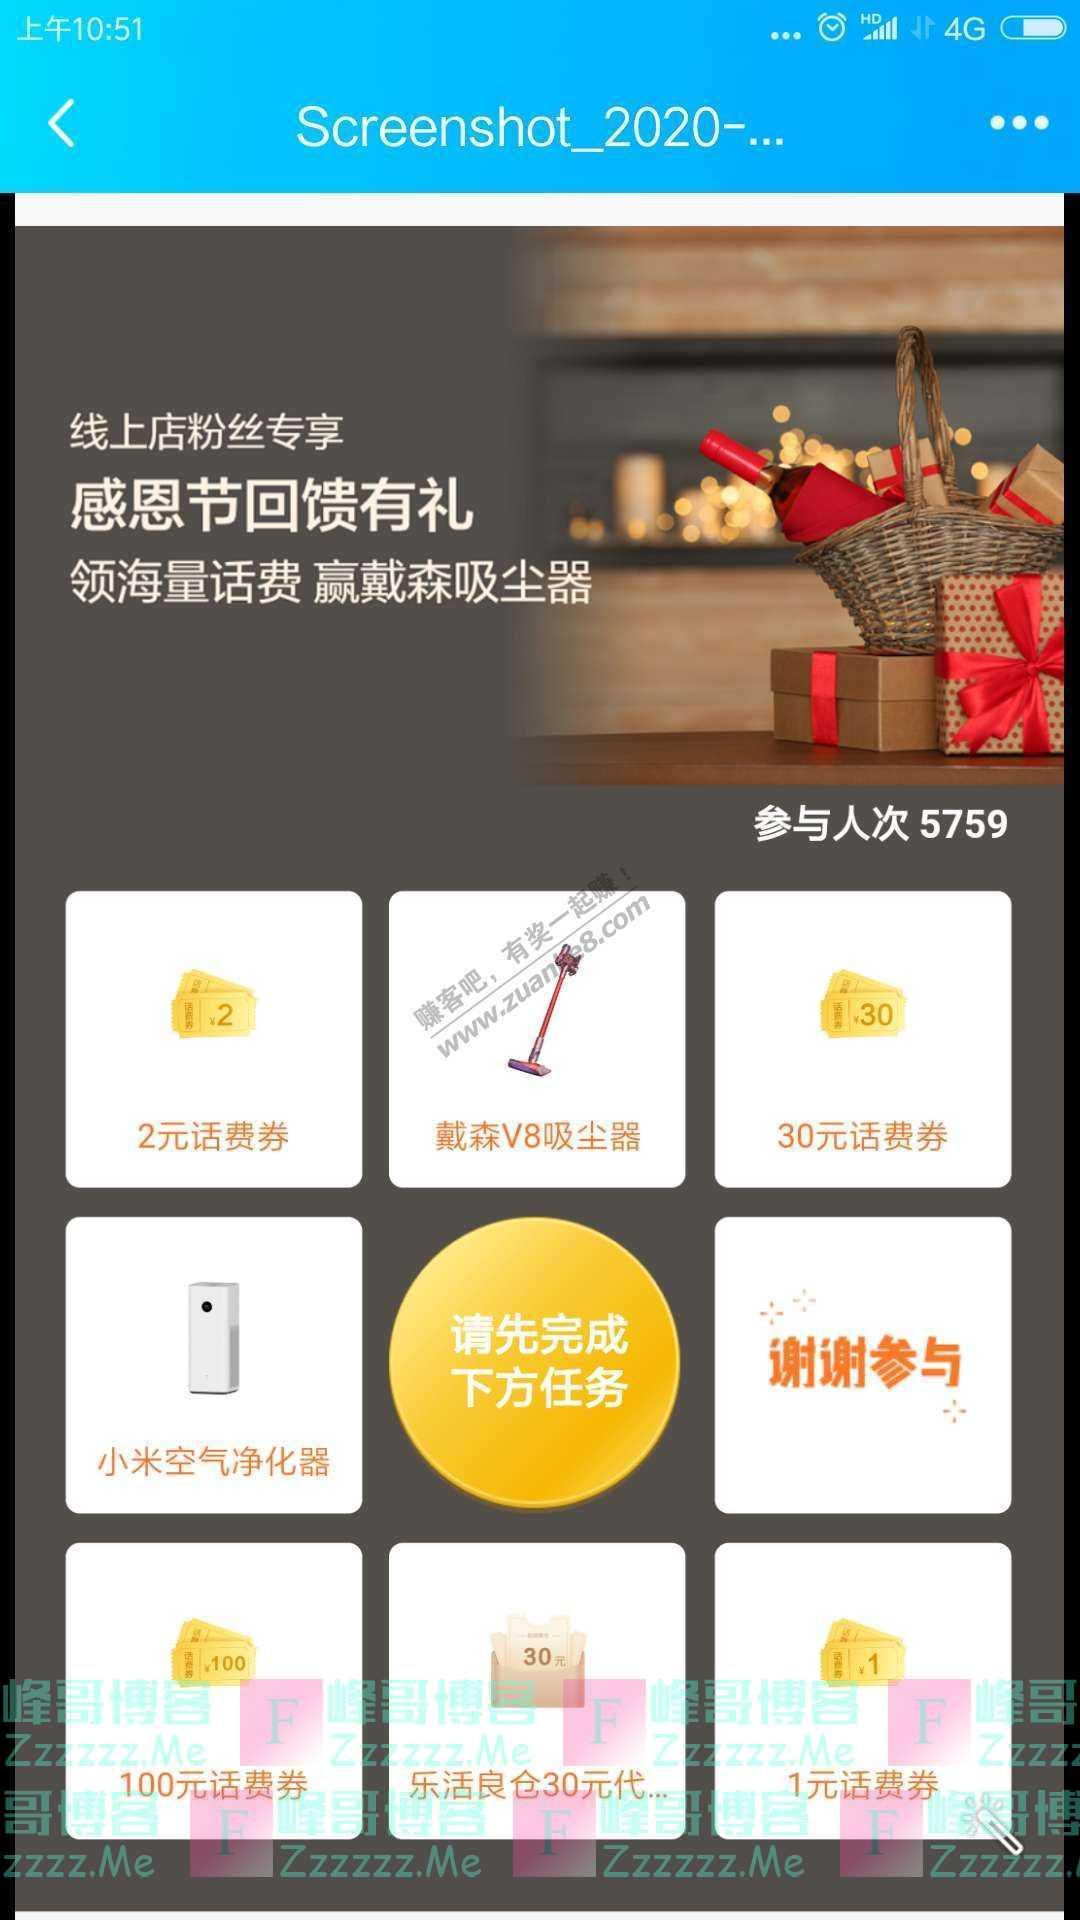 招商银行app线上店粉丝节 感恩有礼(11月30日截止)